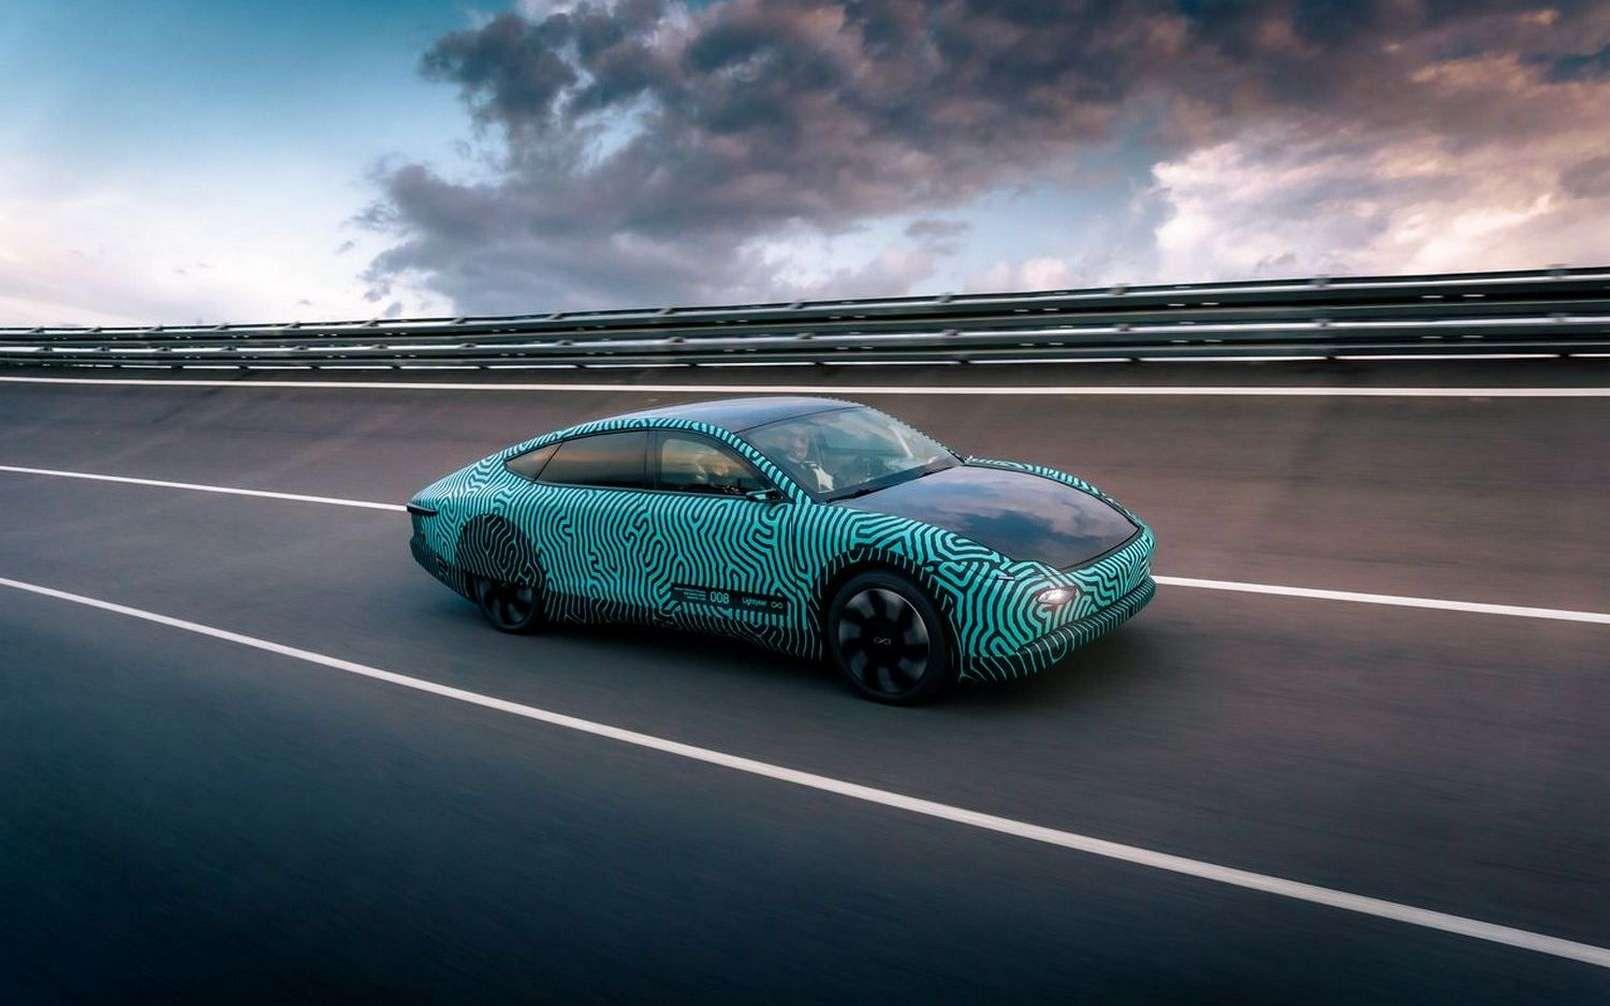 La voiture solaire Lightyear One lors de son essai d'endurance sur piste. © Lightyear